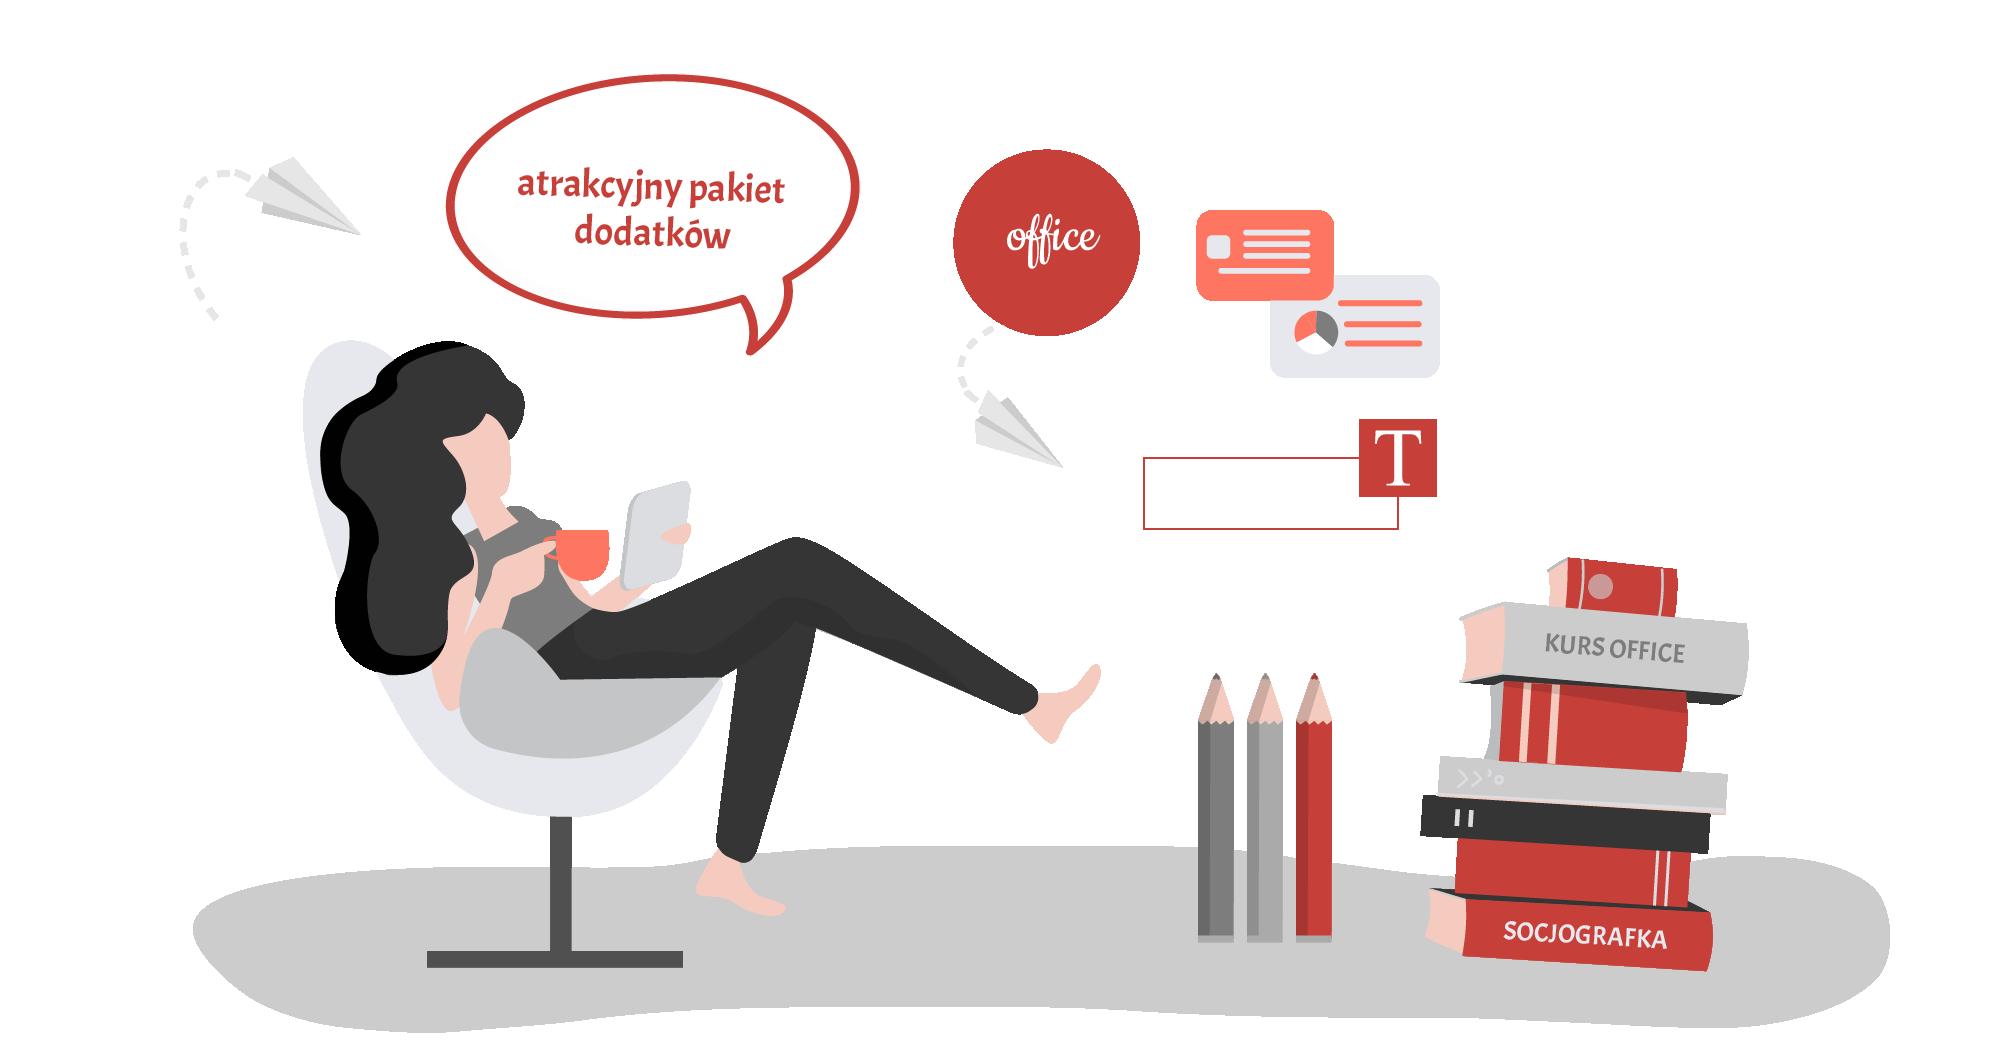 naucz się projektować materiały marketingowe kurs office